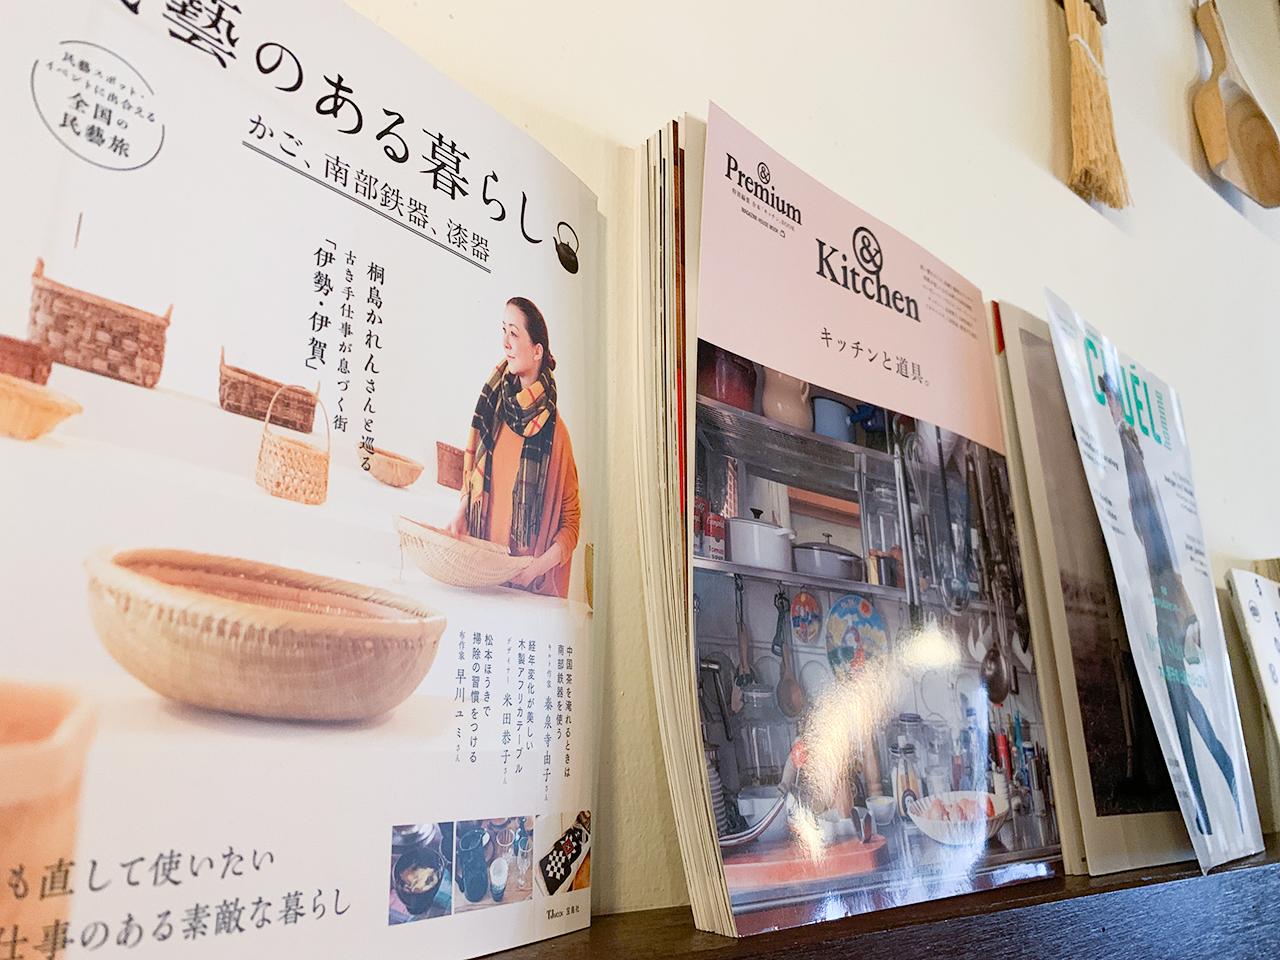 日本の雑誌が飾ってあったり